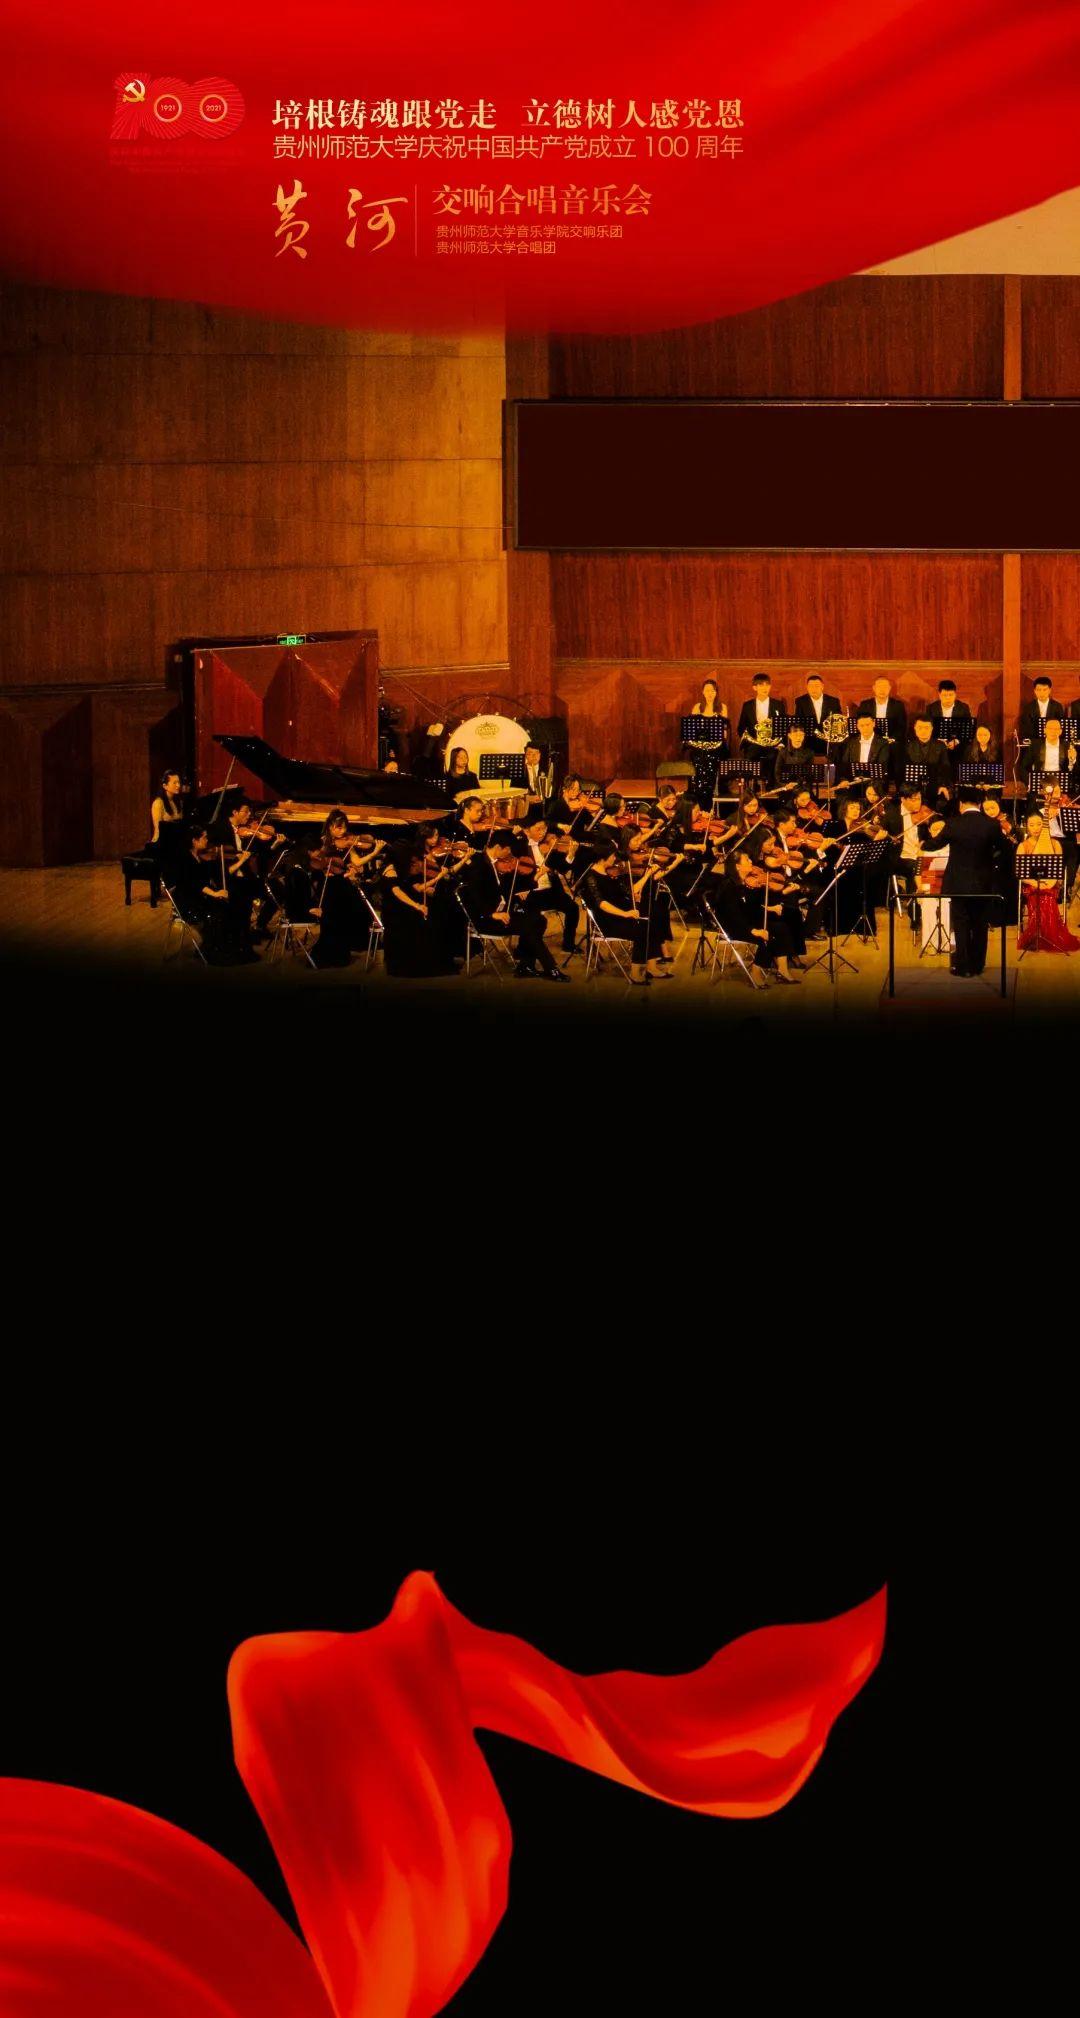 培根铸魂跟党走 立德树人感党恩  贵州师范大学《黄河》交响合唱音乐会即将震撼上演!